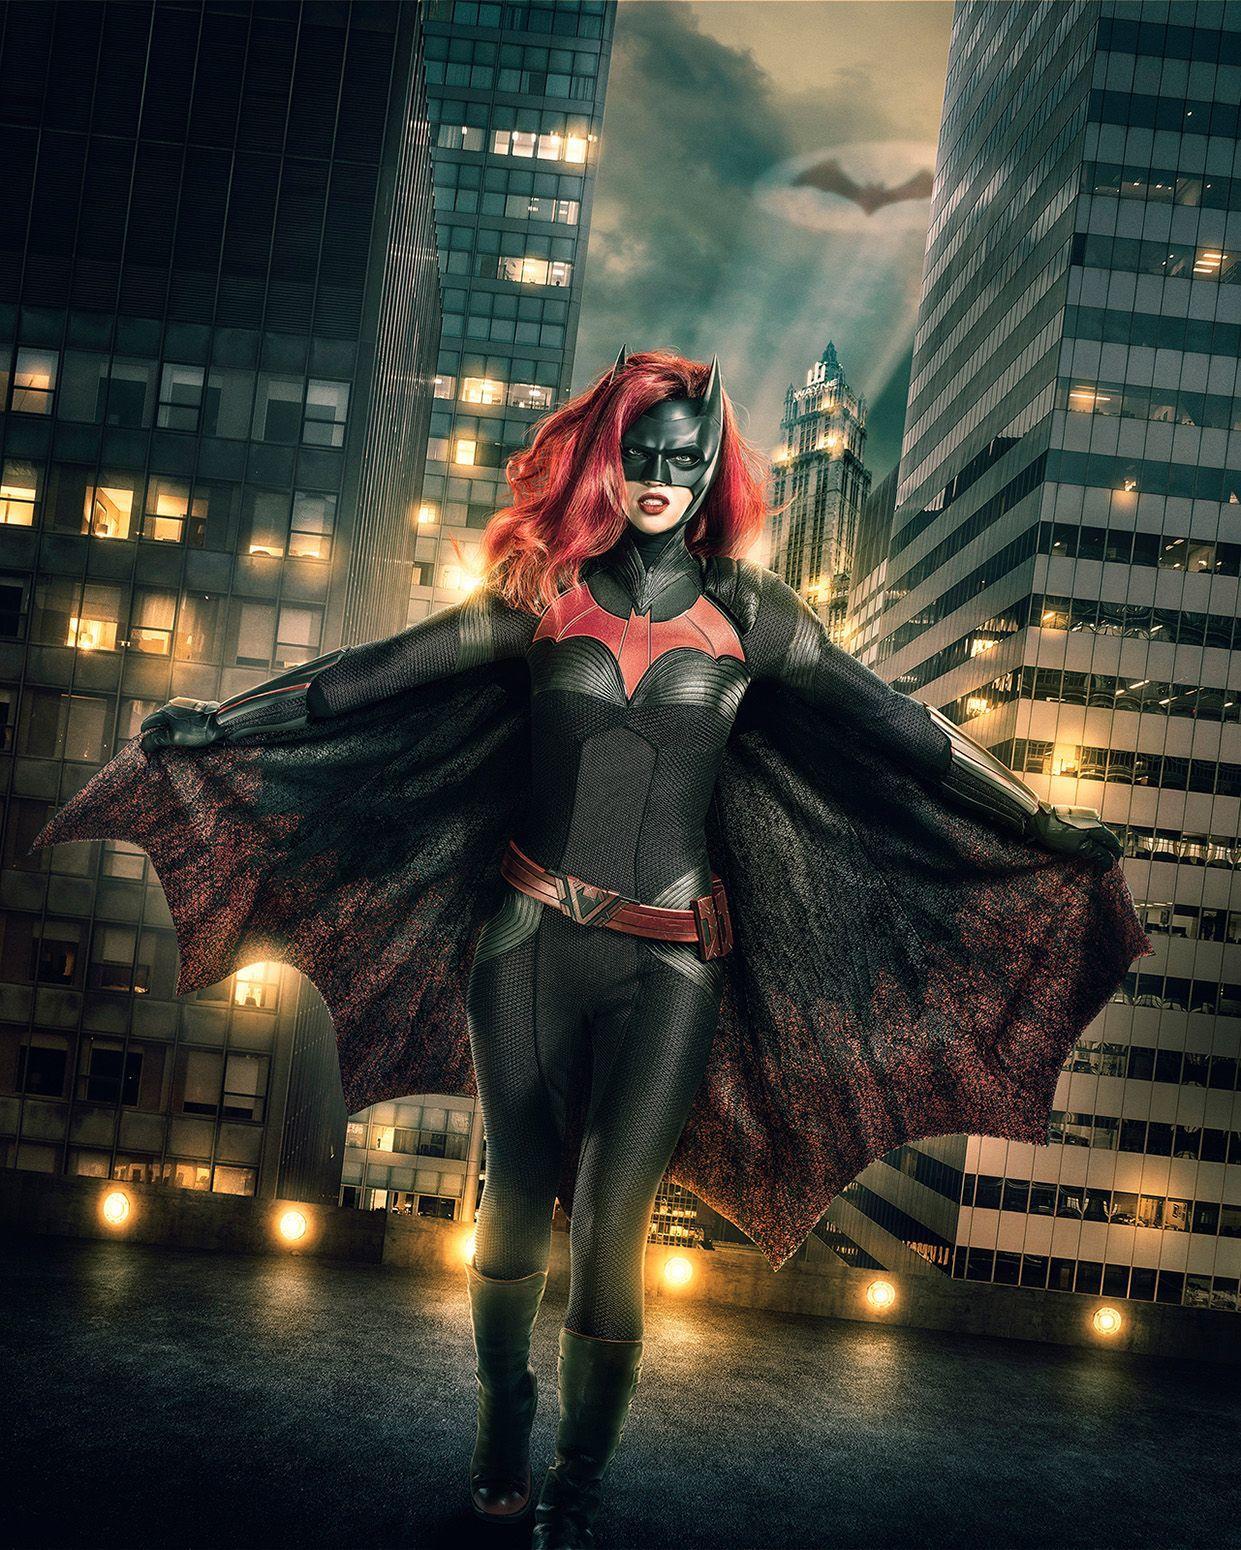 Estreia de Batwoman no crossover Elseworlds gera clamor pela série solo da heroína | Pipoca Moderna